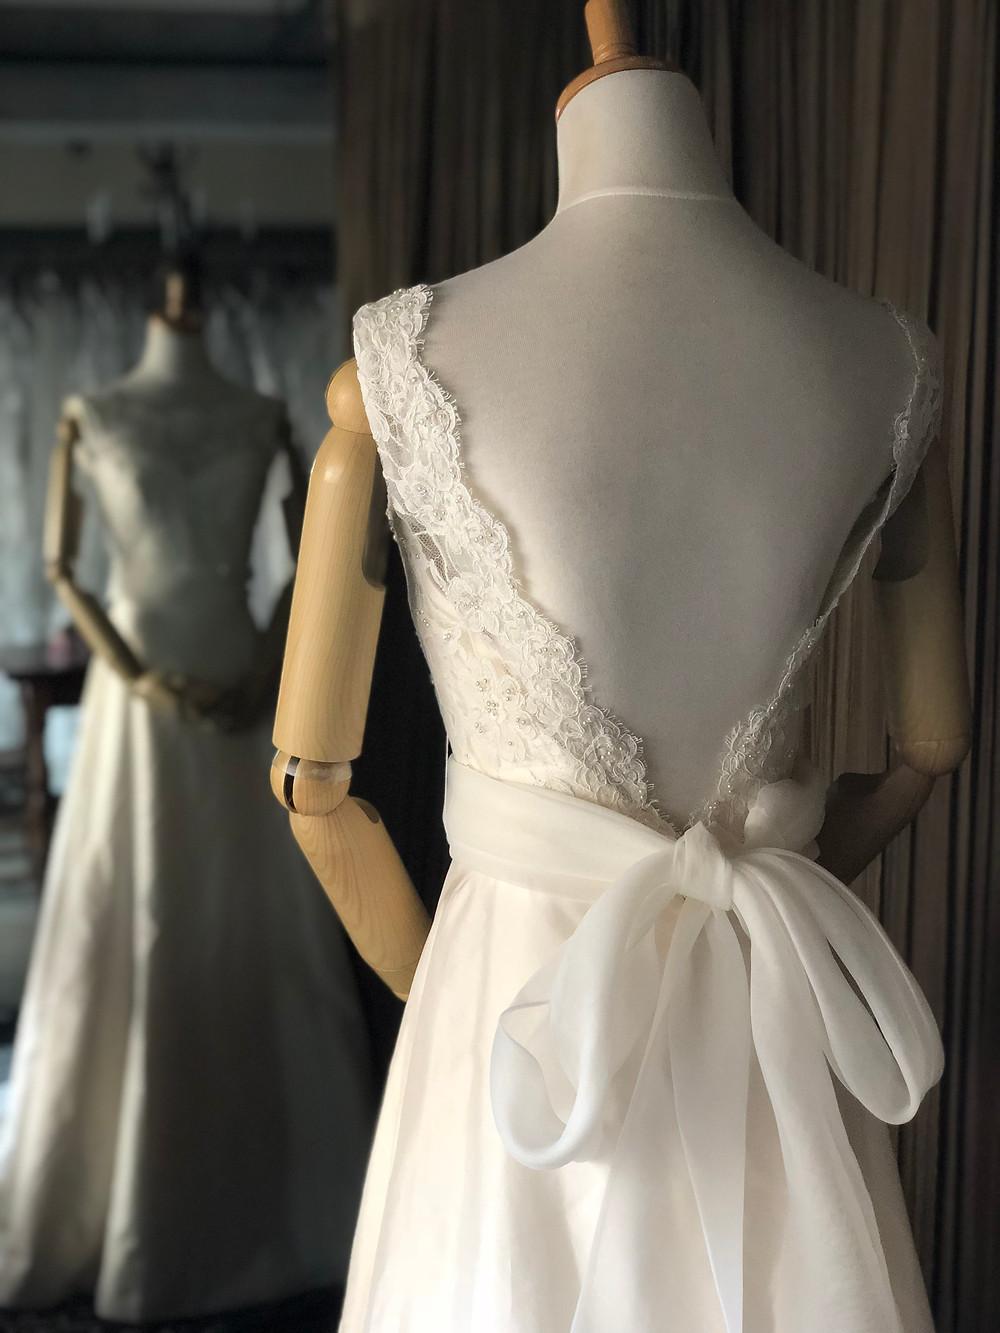 ウェディングドレス,結婚式,ドレス,販売,購入,格安,アウトレット,オーダー,ミニドレス,二次会,ウェディング,海外挙式,フォト,ドレスエブリ,みんなのドレス,福岡,FUKUOKA,フリーランスウェディングプランナー,フリーウェディングプランナー,オリジナルウェディング,オーダーメイドウェディング,カスタマイズ,コンセプトウェディング,レストランウェディング,熊本,神社挙式,和婚